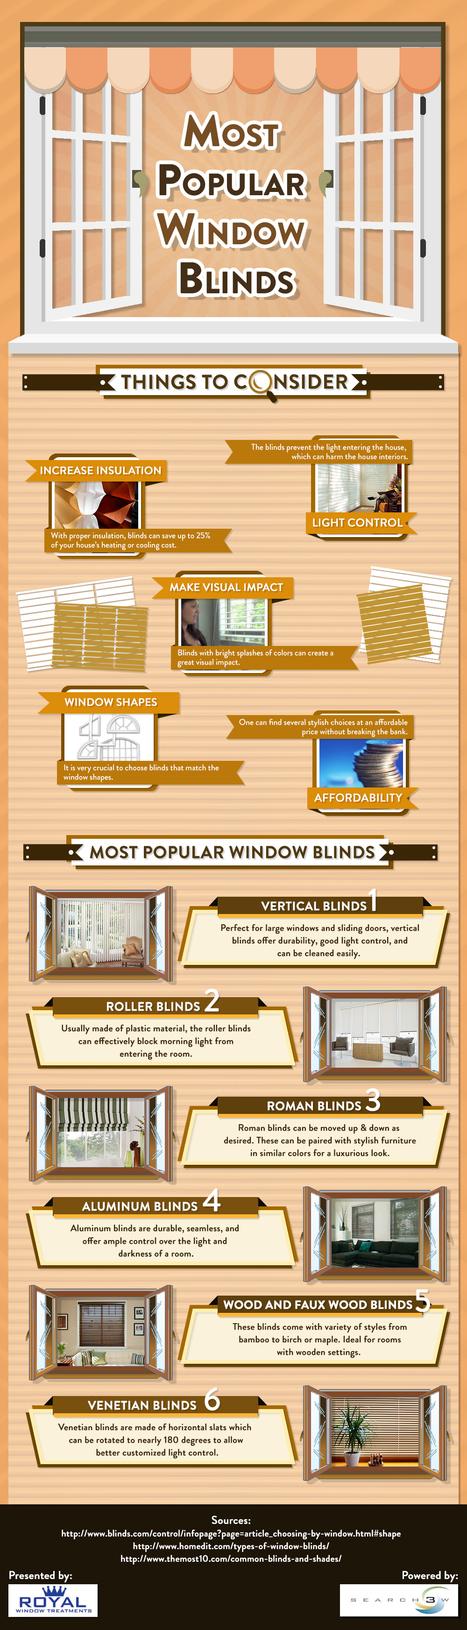 Most Popular Window Blinds – Infographic | Photo Studio | Scoop.it